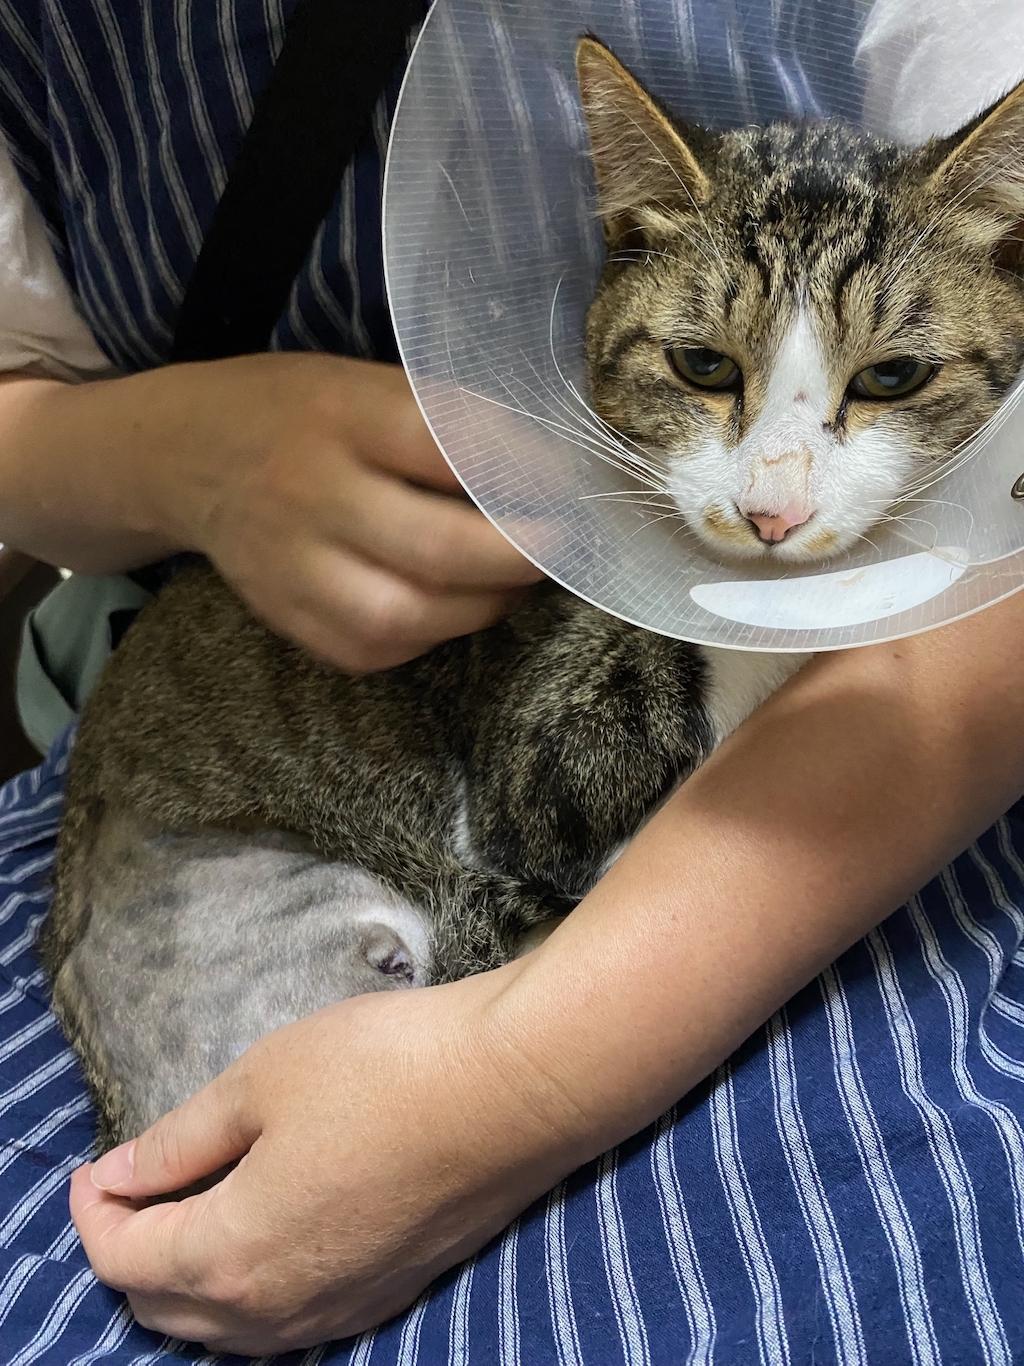 千葉県印旛郡酒々井町:トラバサミによる猫虐待事件:ミッキーちゃん断脚手術後の経過報告